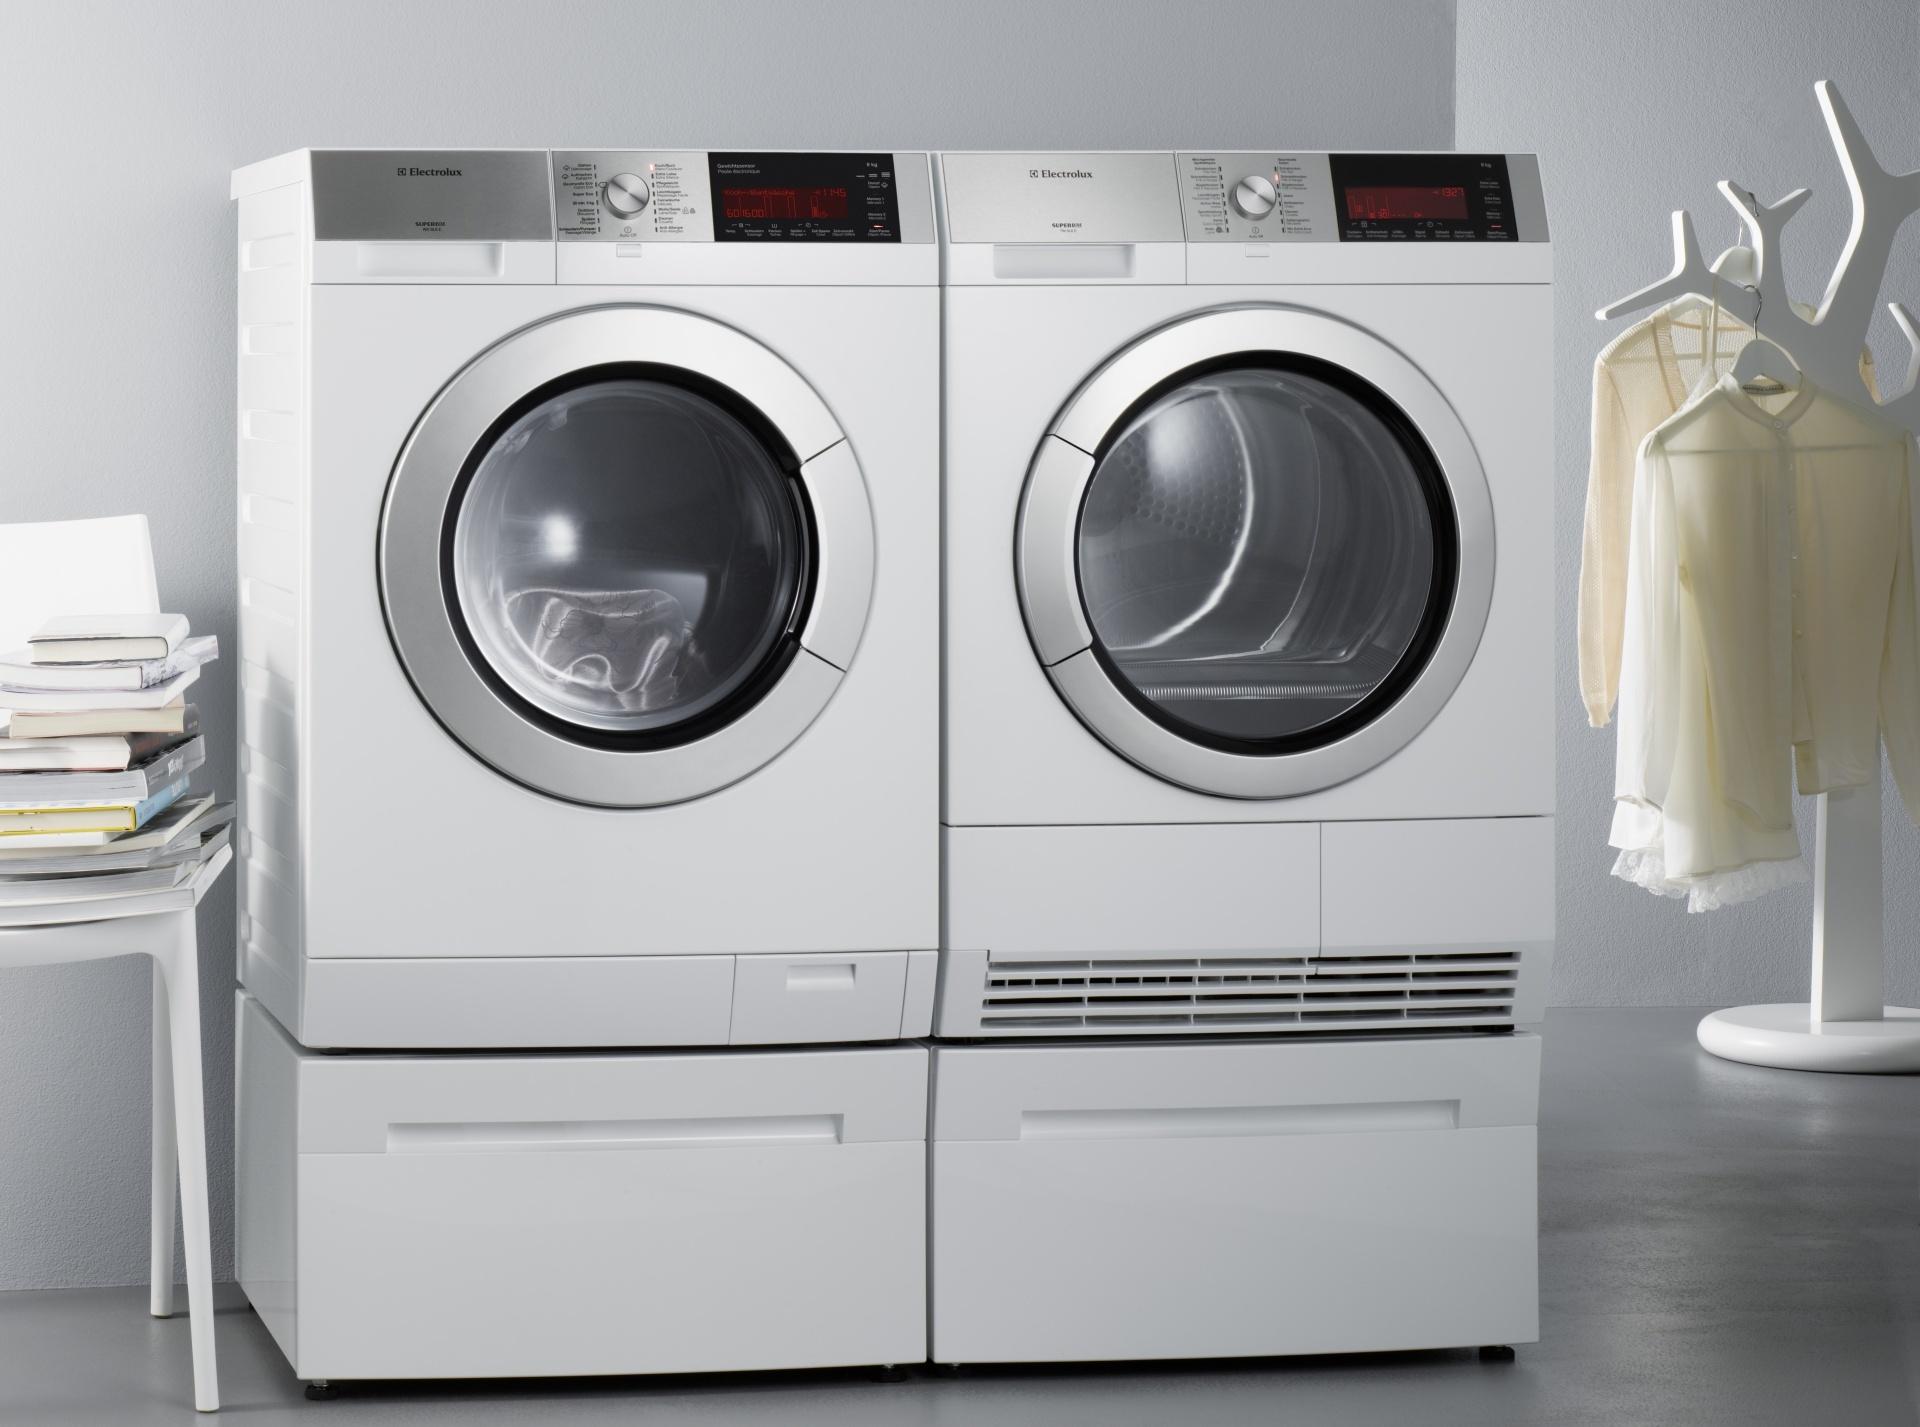 waschmaschine in wohnung. Black Bedroom Furniture Sets. Home Design Ideas